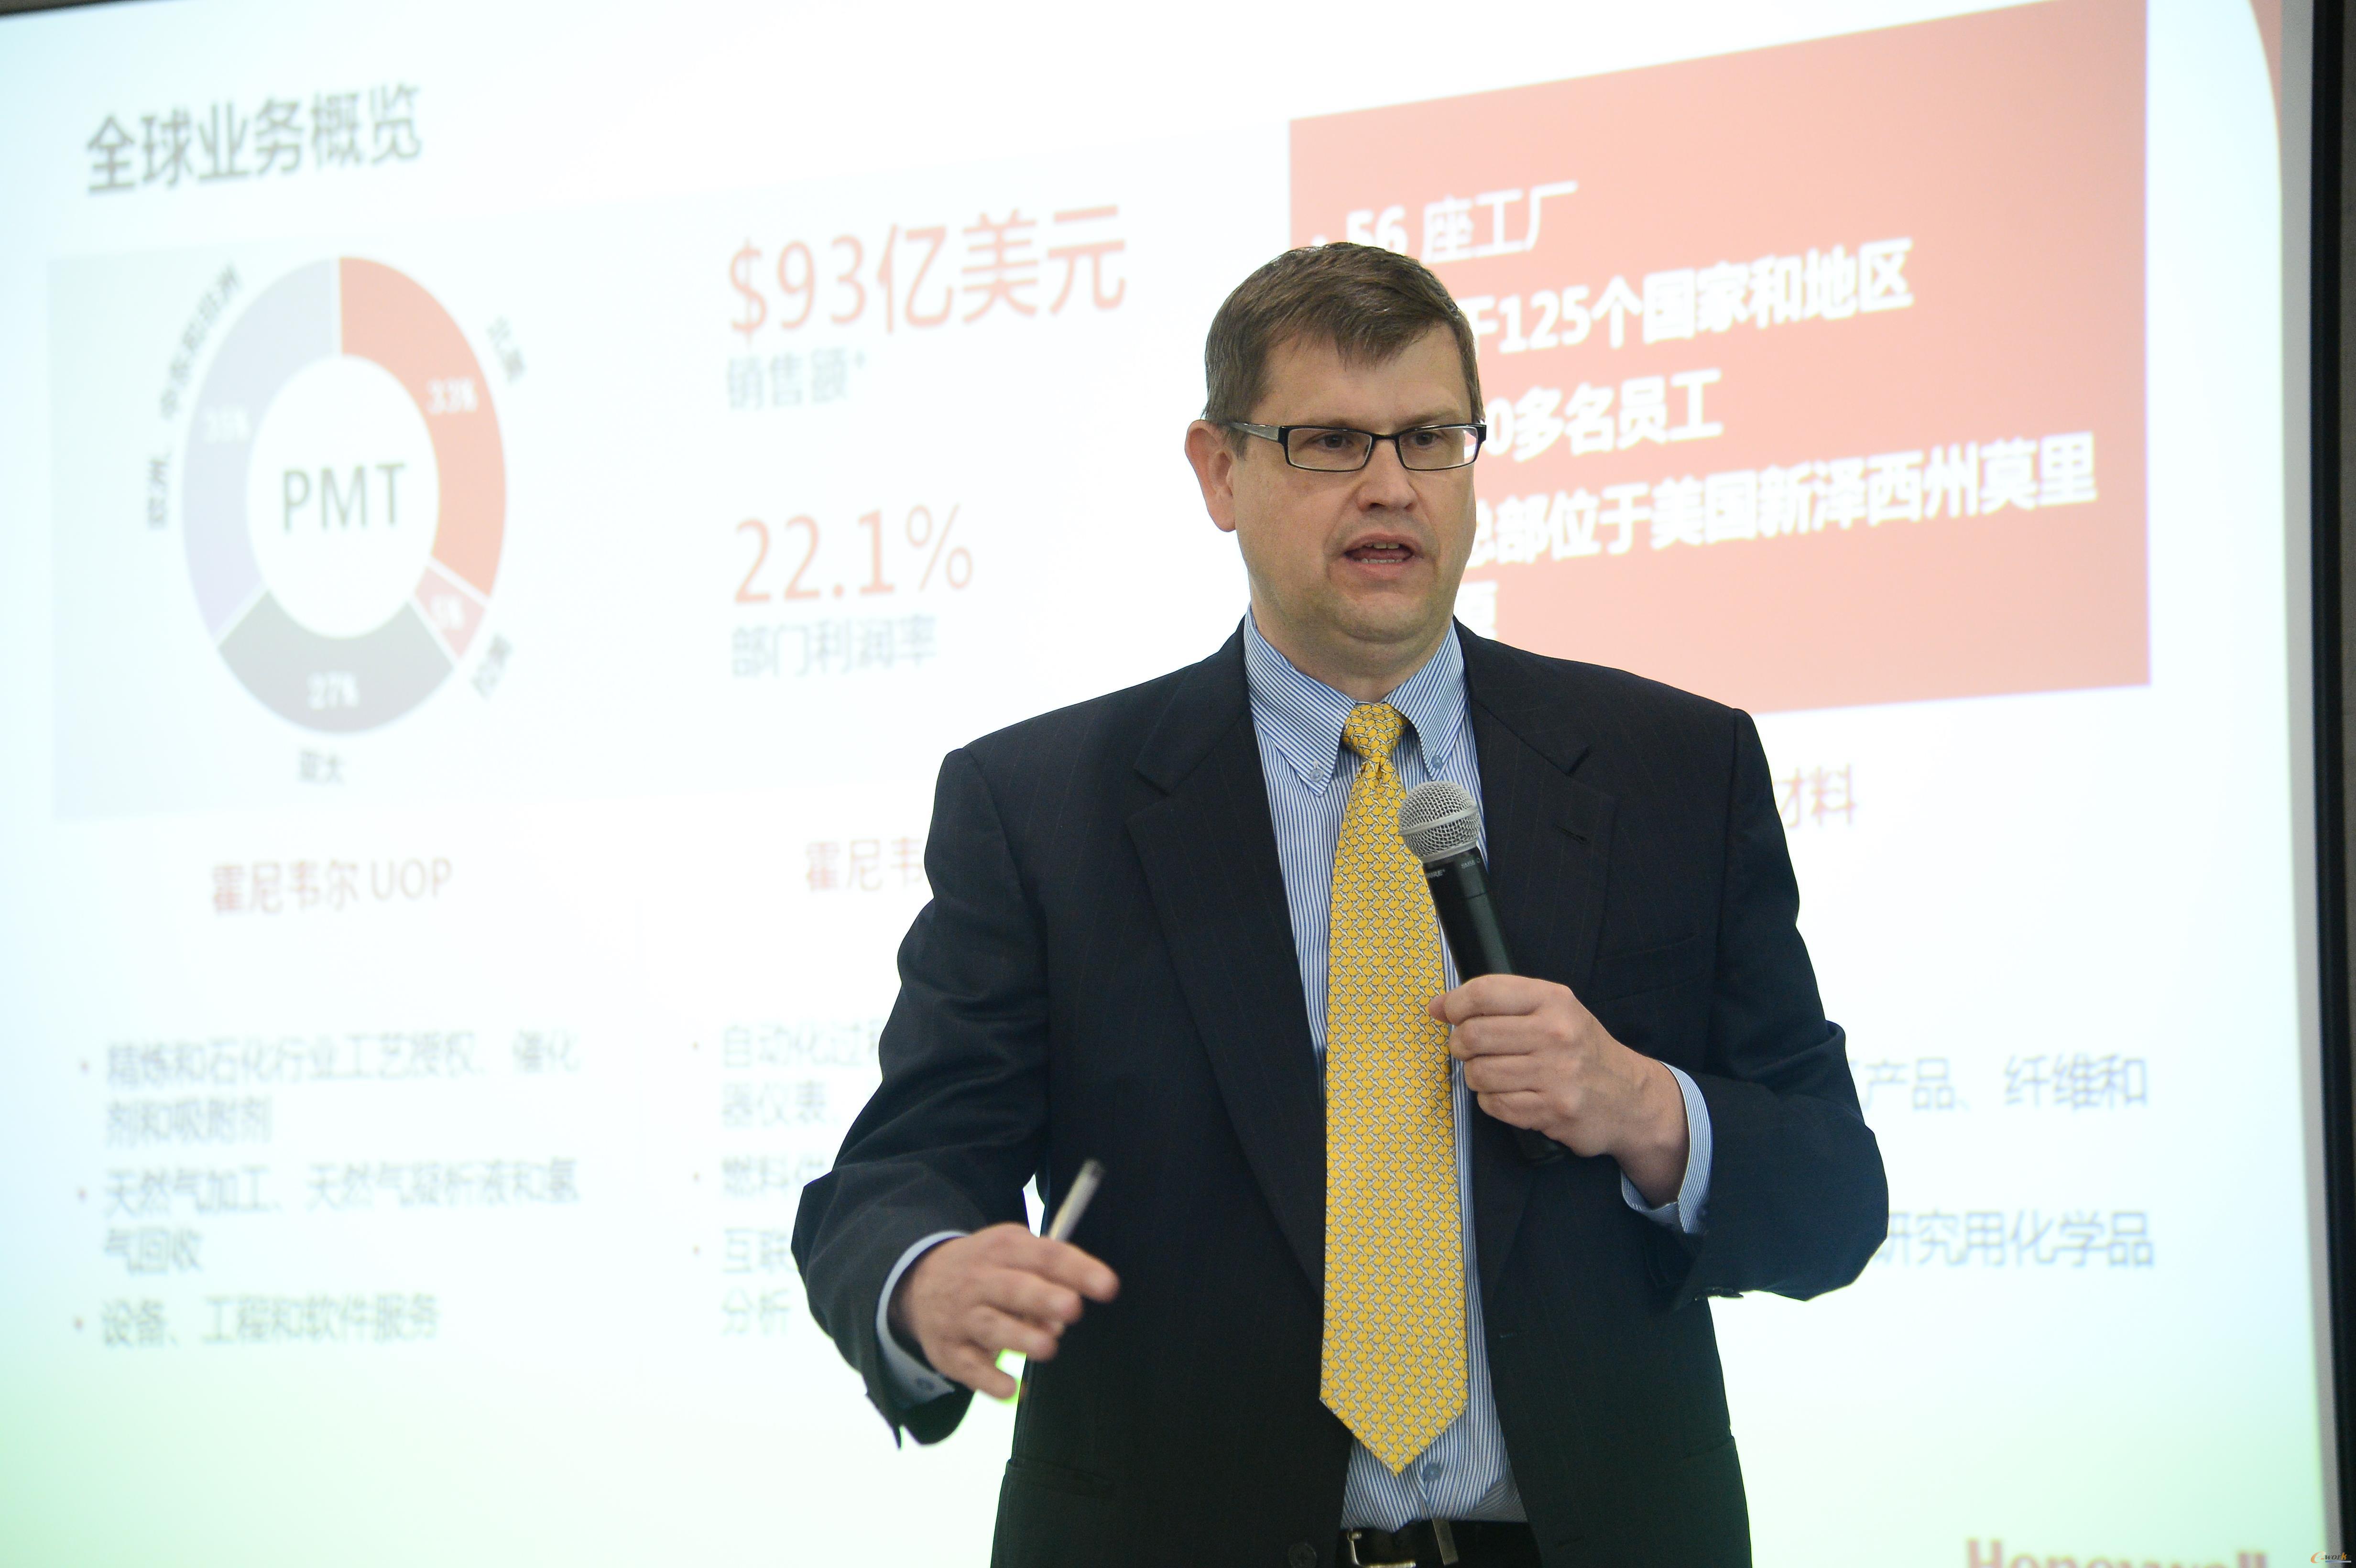 霍尼韦尔特性材料和技术集团集成供应链业务副总裁金慧龙